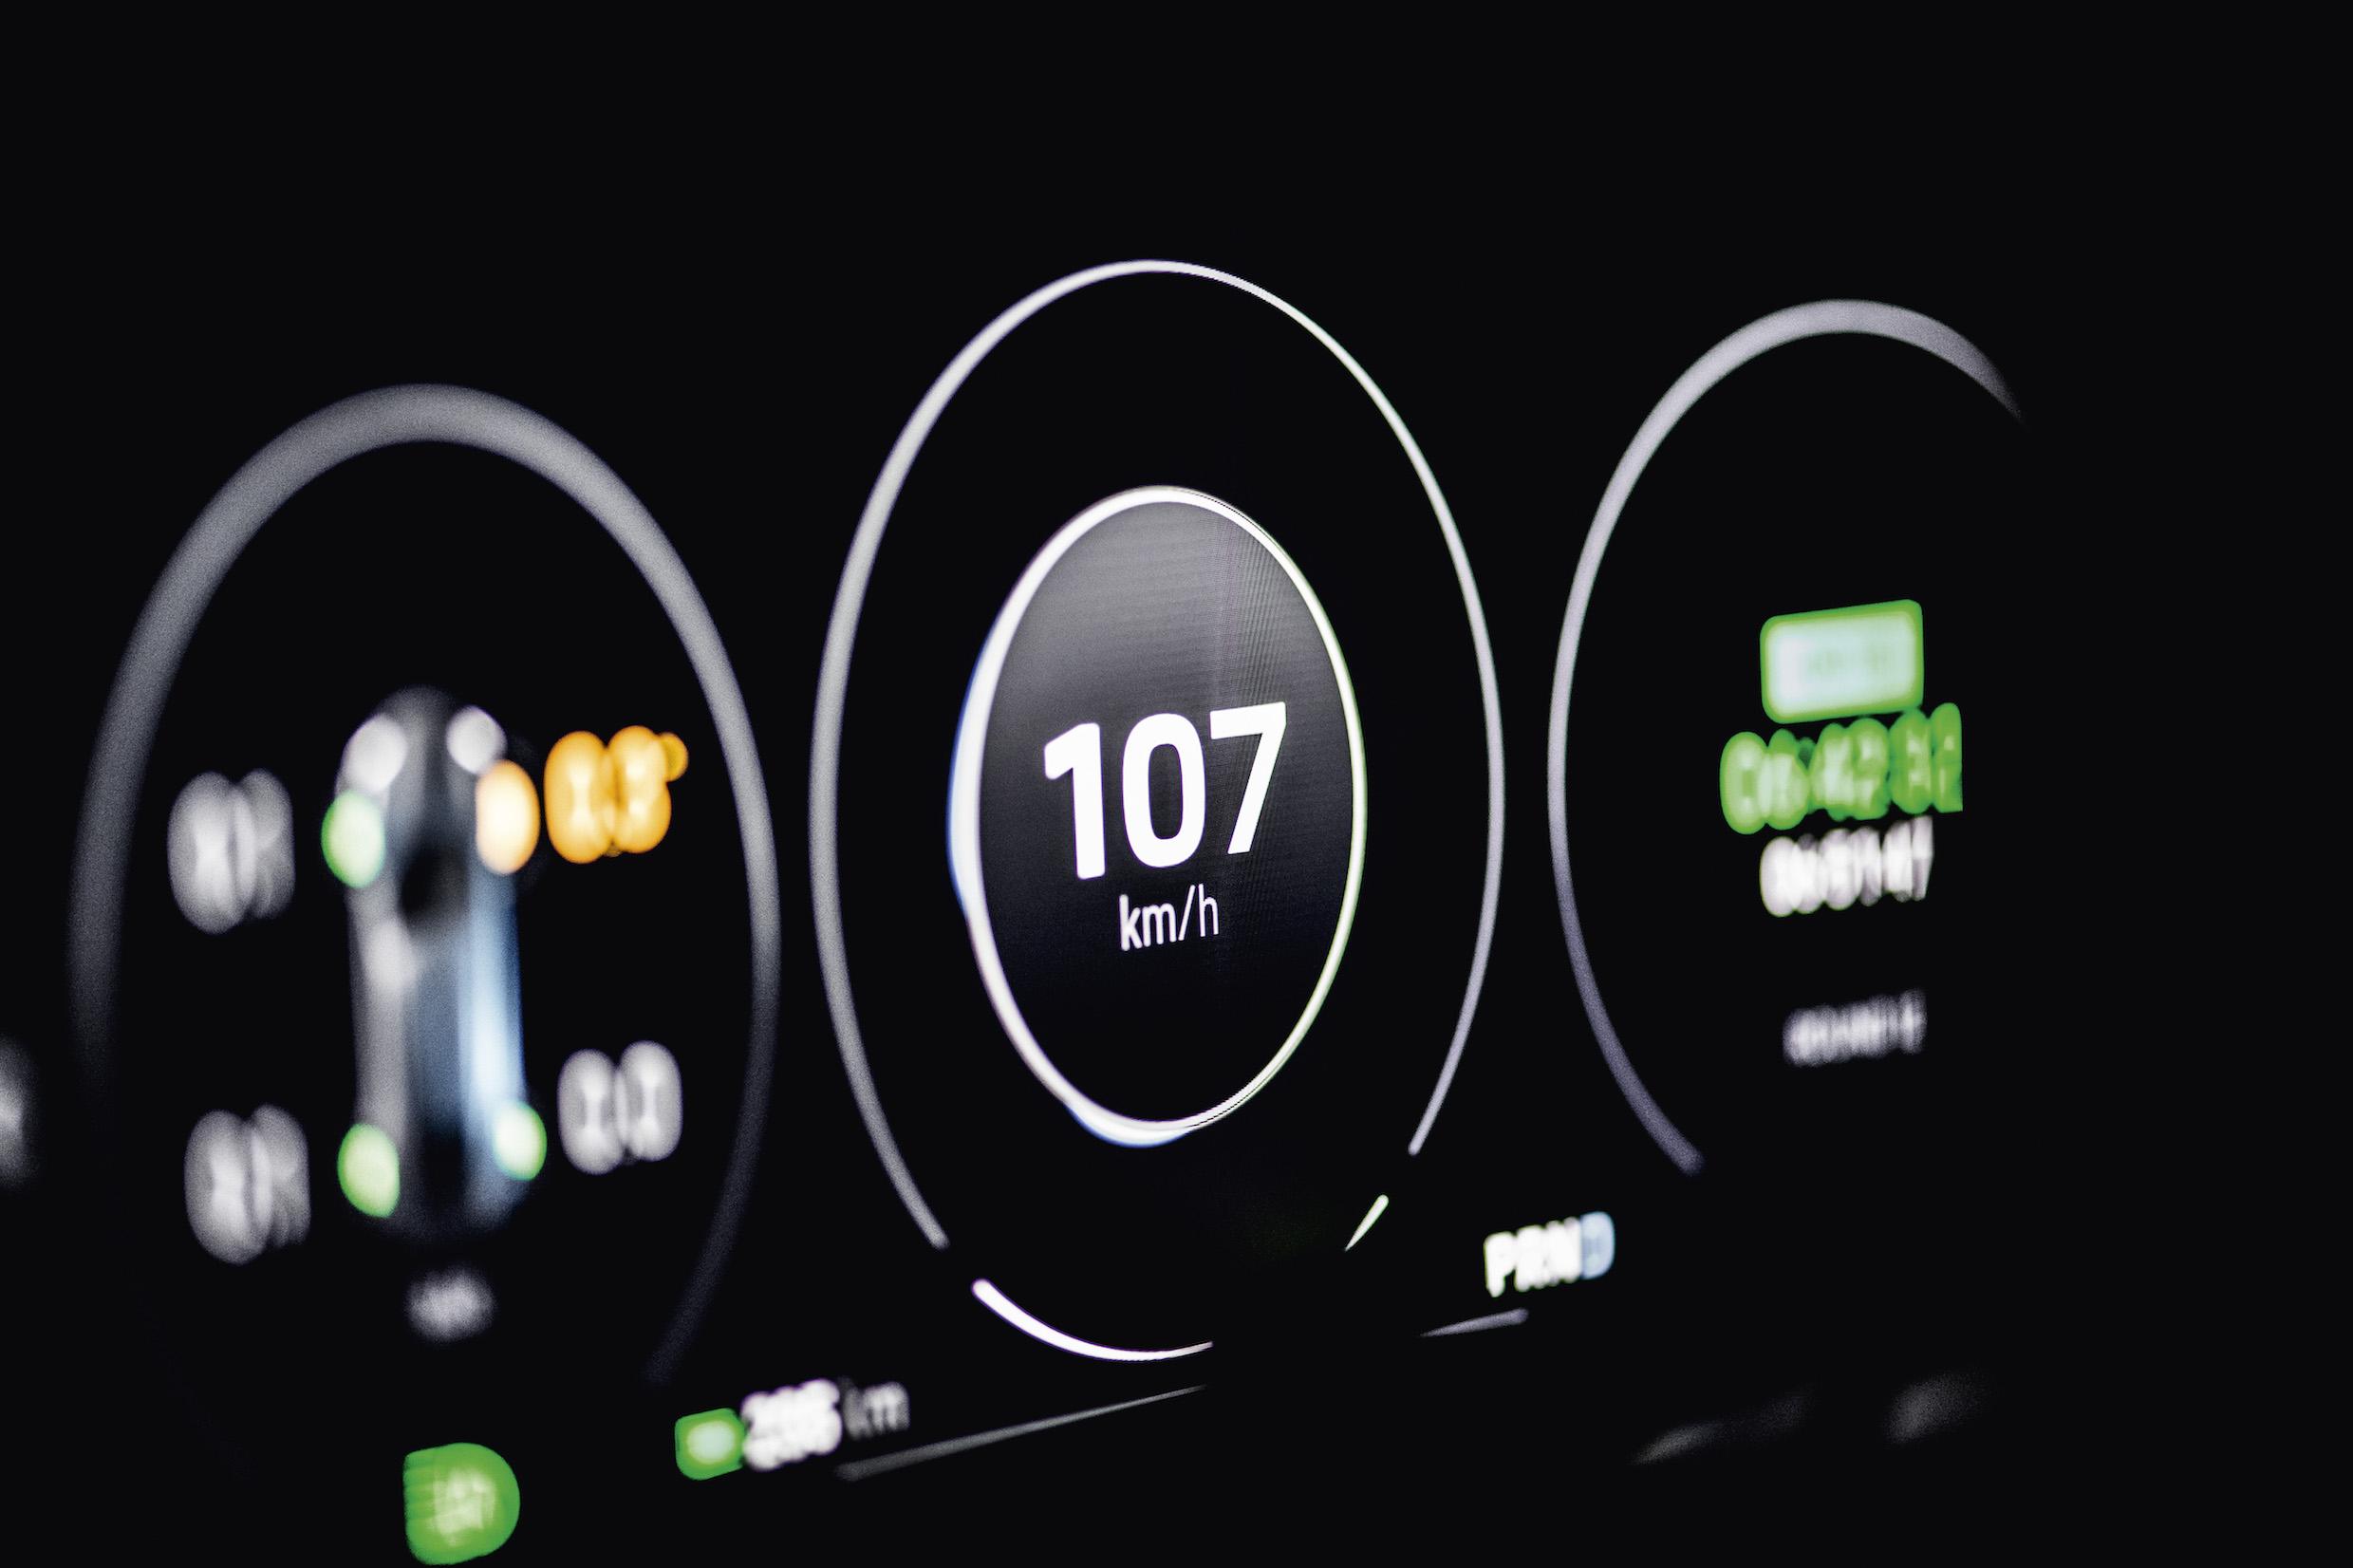 800 volts c'est dangereux ? Porsche parle de sa Taycan 100% électrique